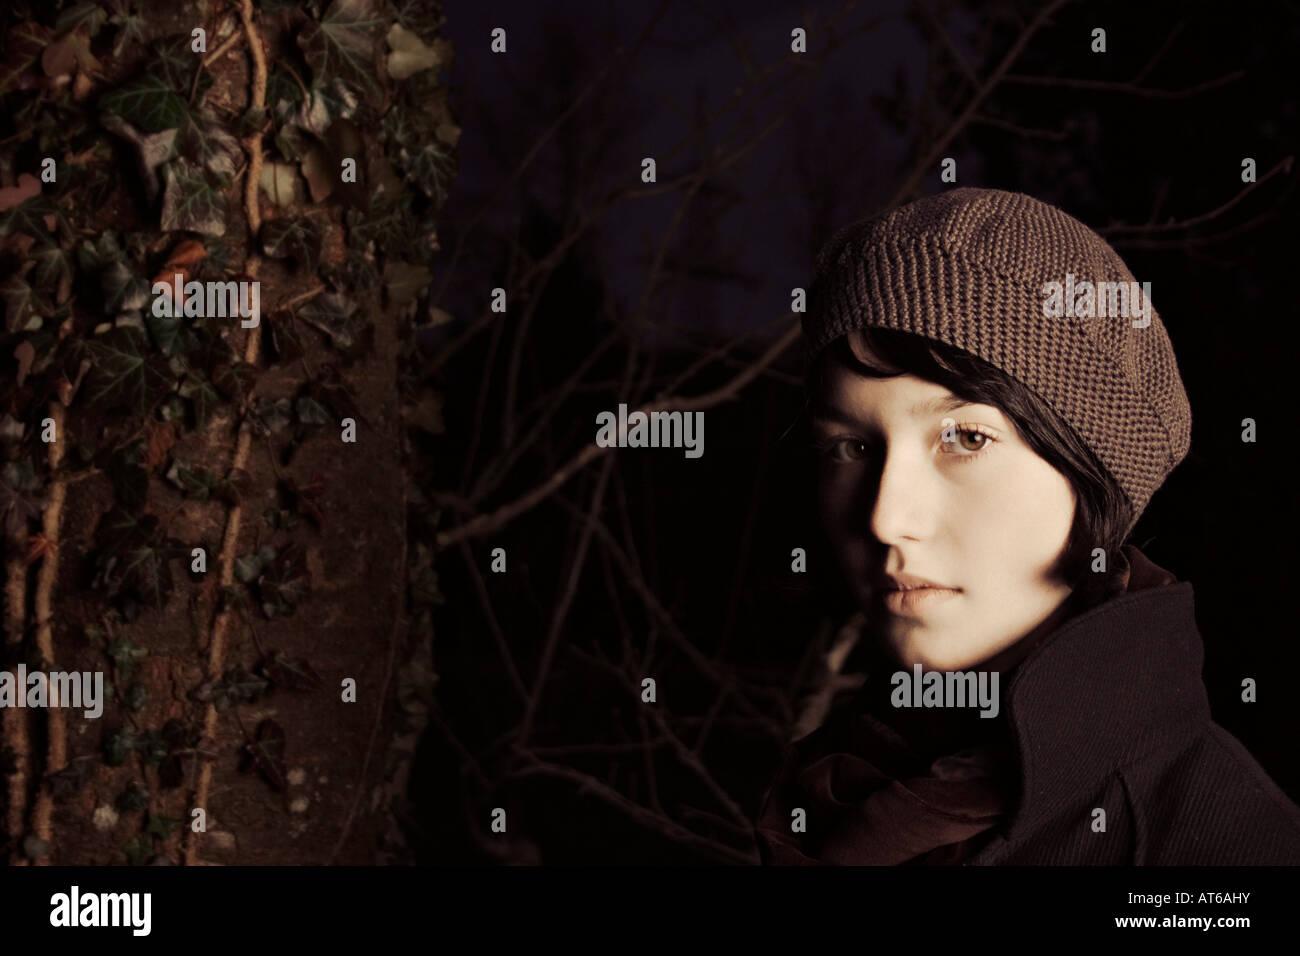 Jeune femme debout près d'un arbre Banque D'Images